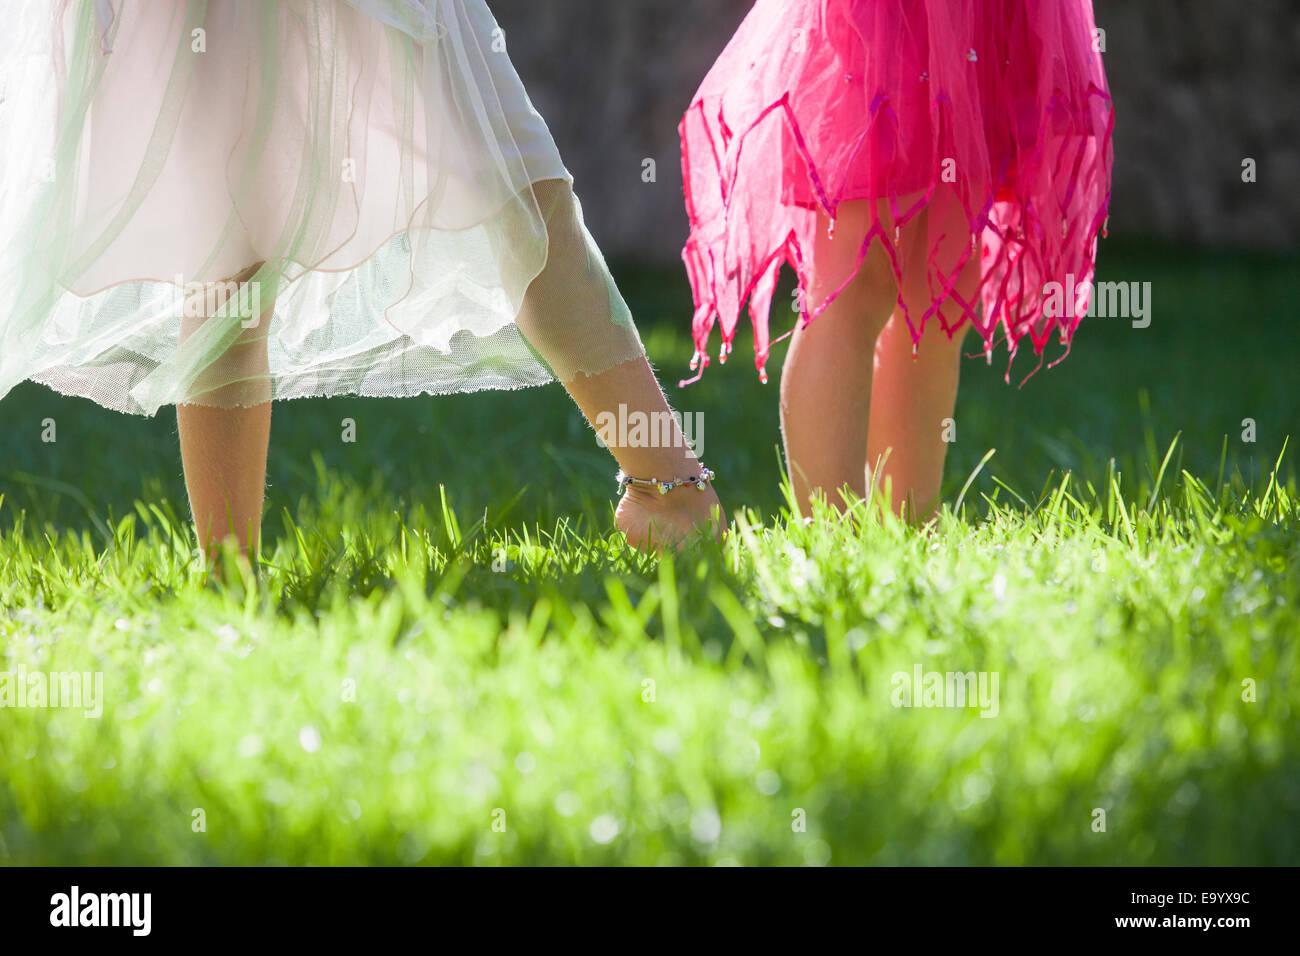 Tagliate il colpo di gambe di due ragazze in fairy costume in giardino Immagini Stock